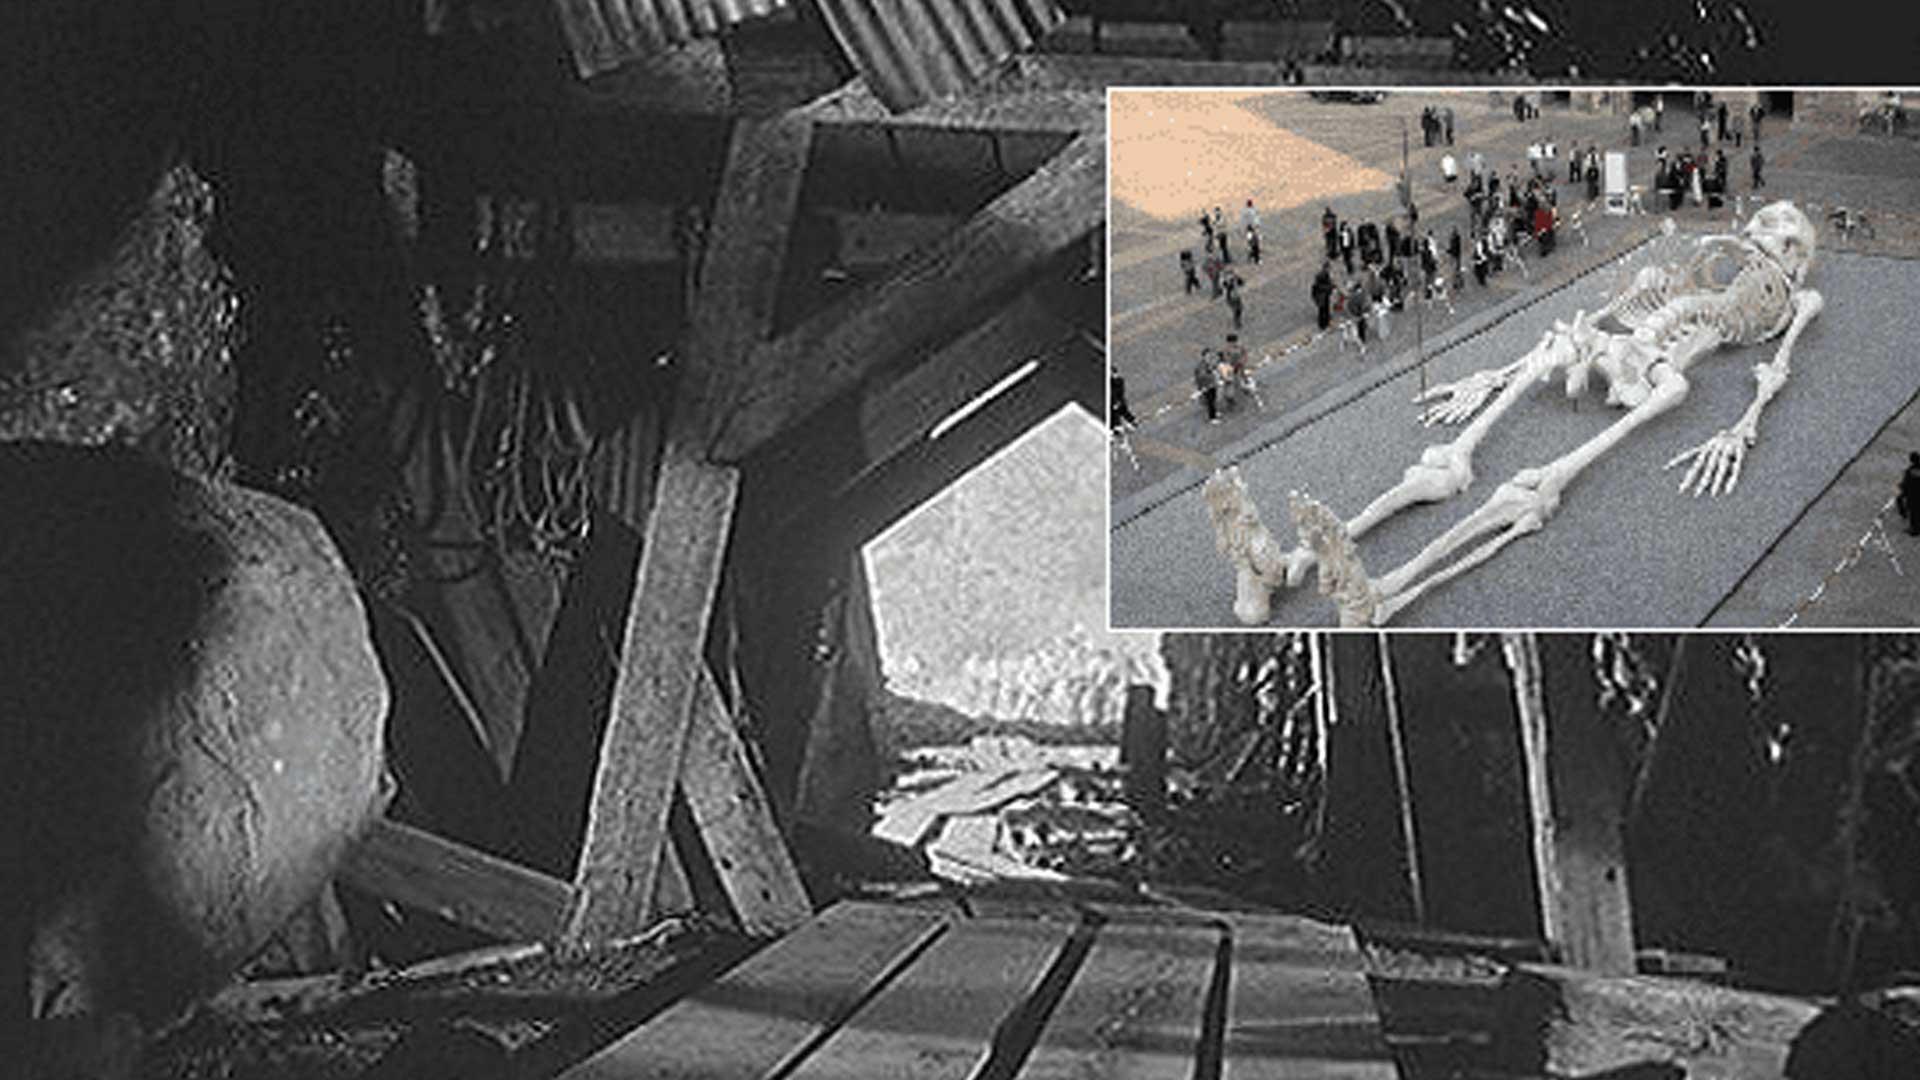 Encuentran Esqueleto Gigante y una Ciudad Subterránea debajo de Missouri